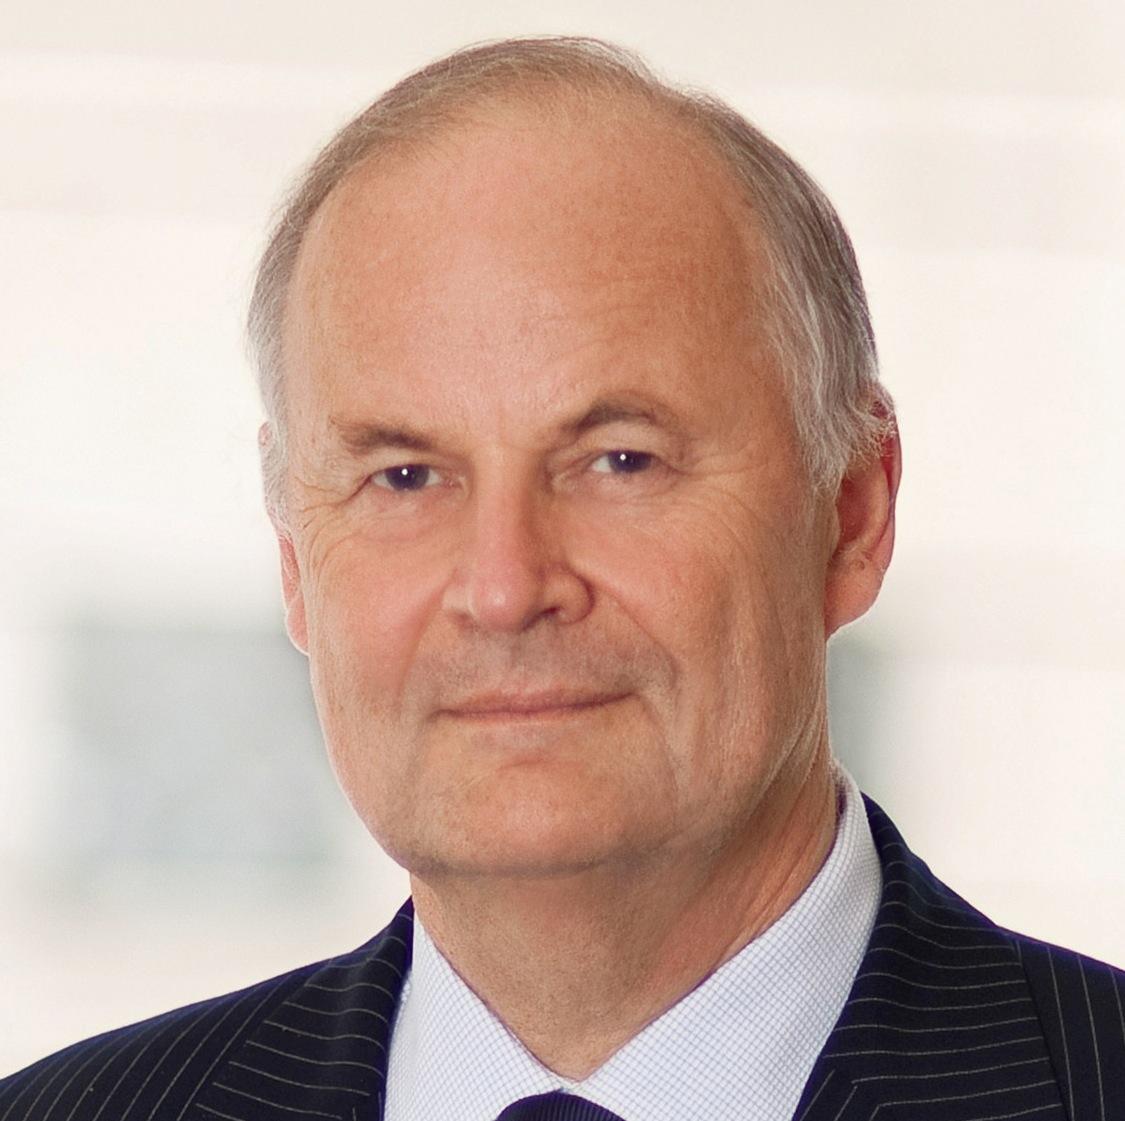 Paul Mitchard